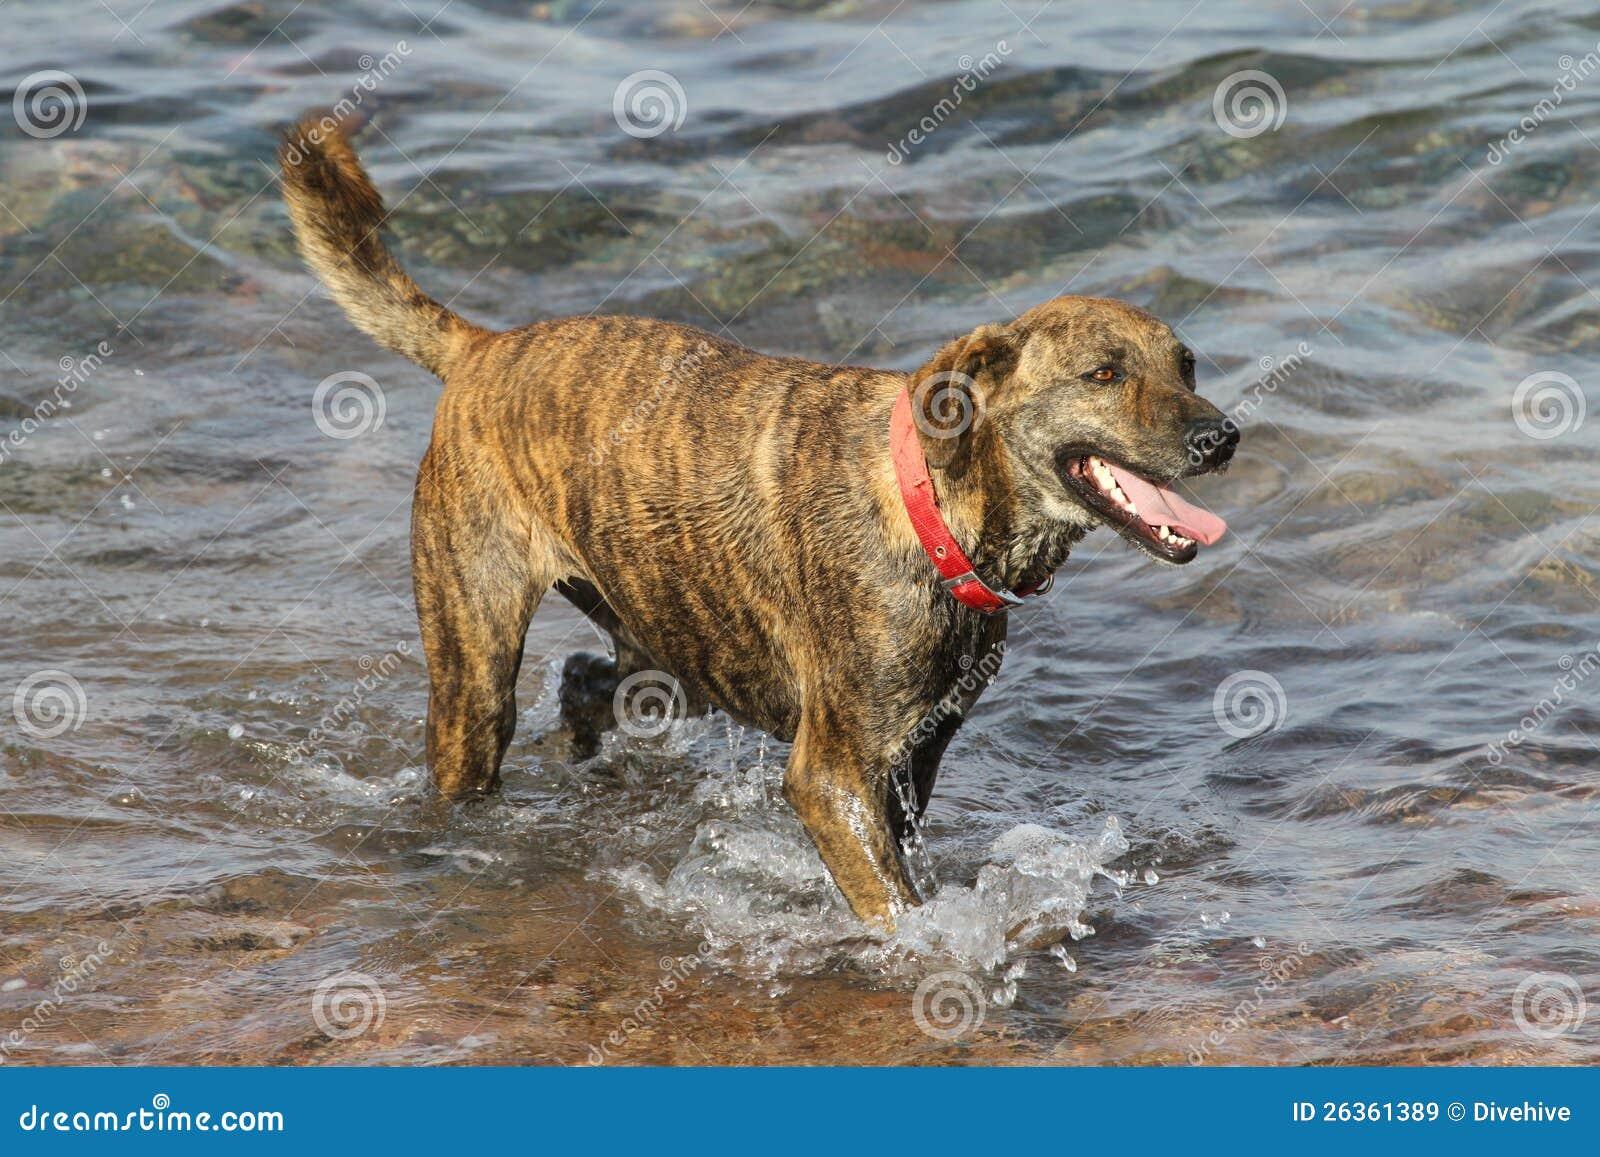 Hund mit dem roten Kragen, der im Wasser steht